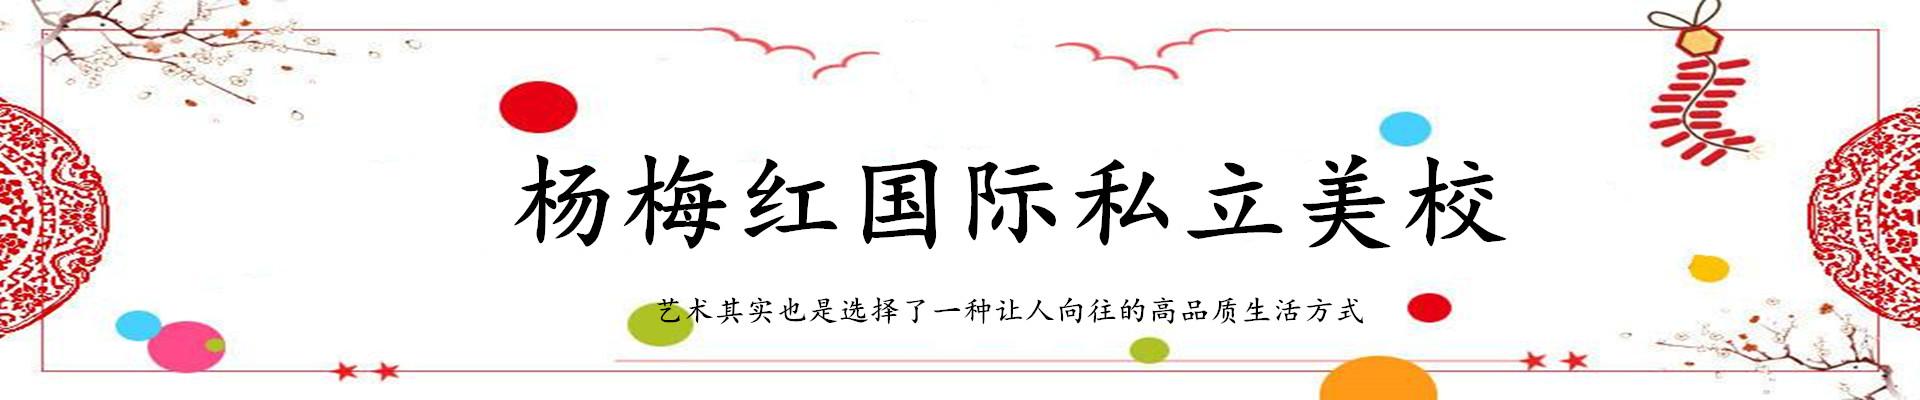 深圳宝城杨梅红国际私立美校